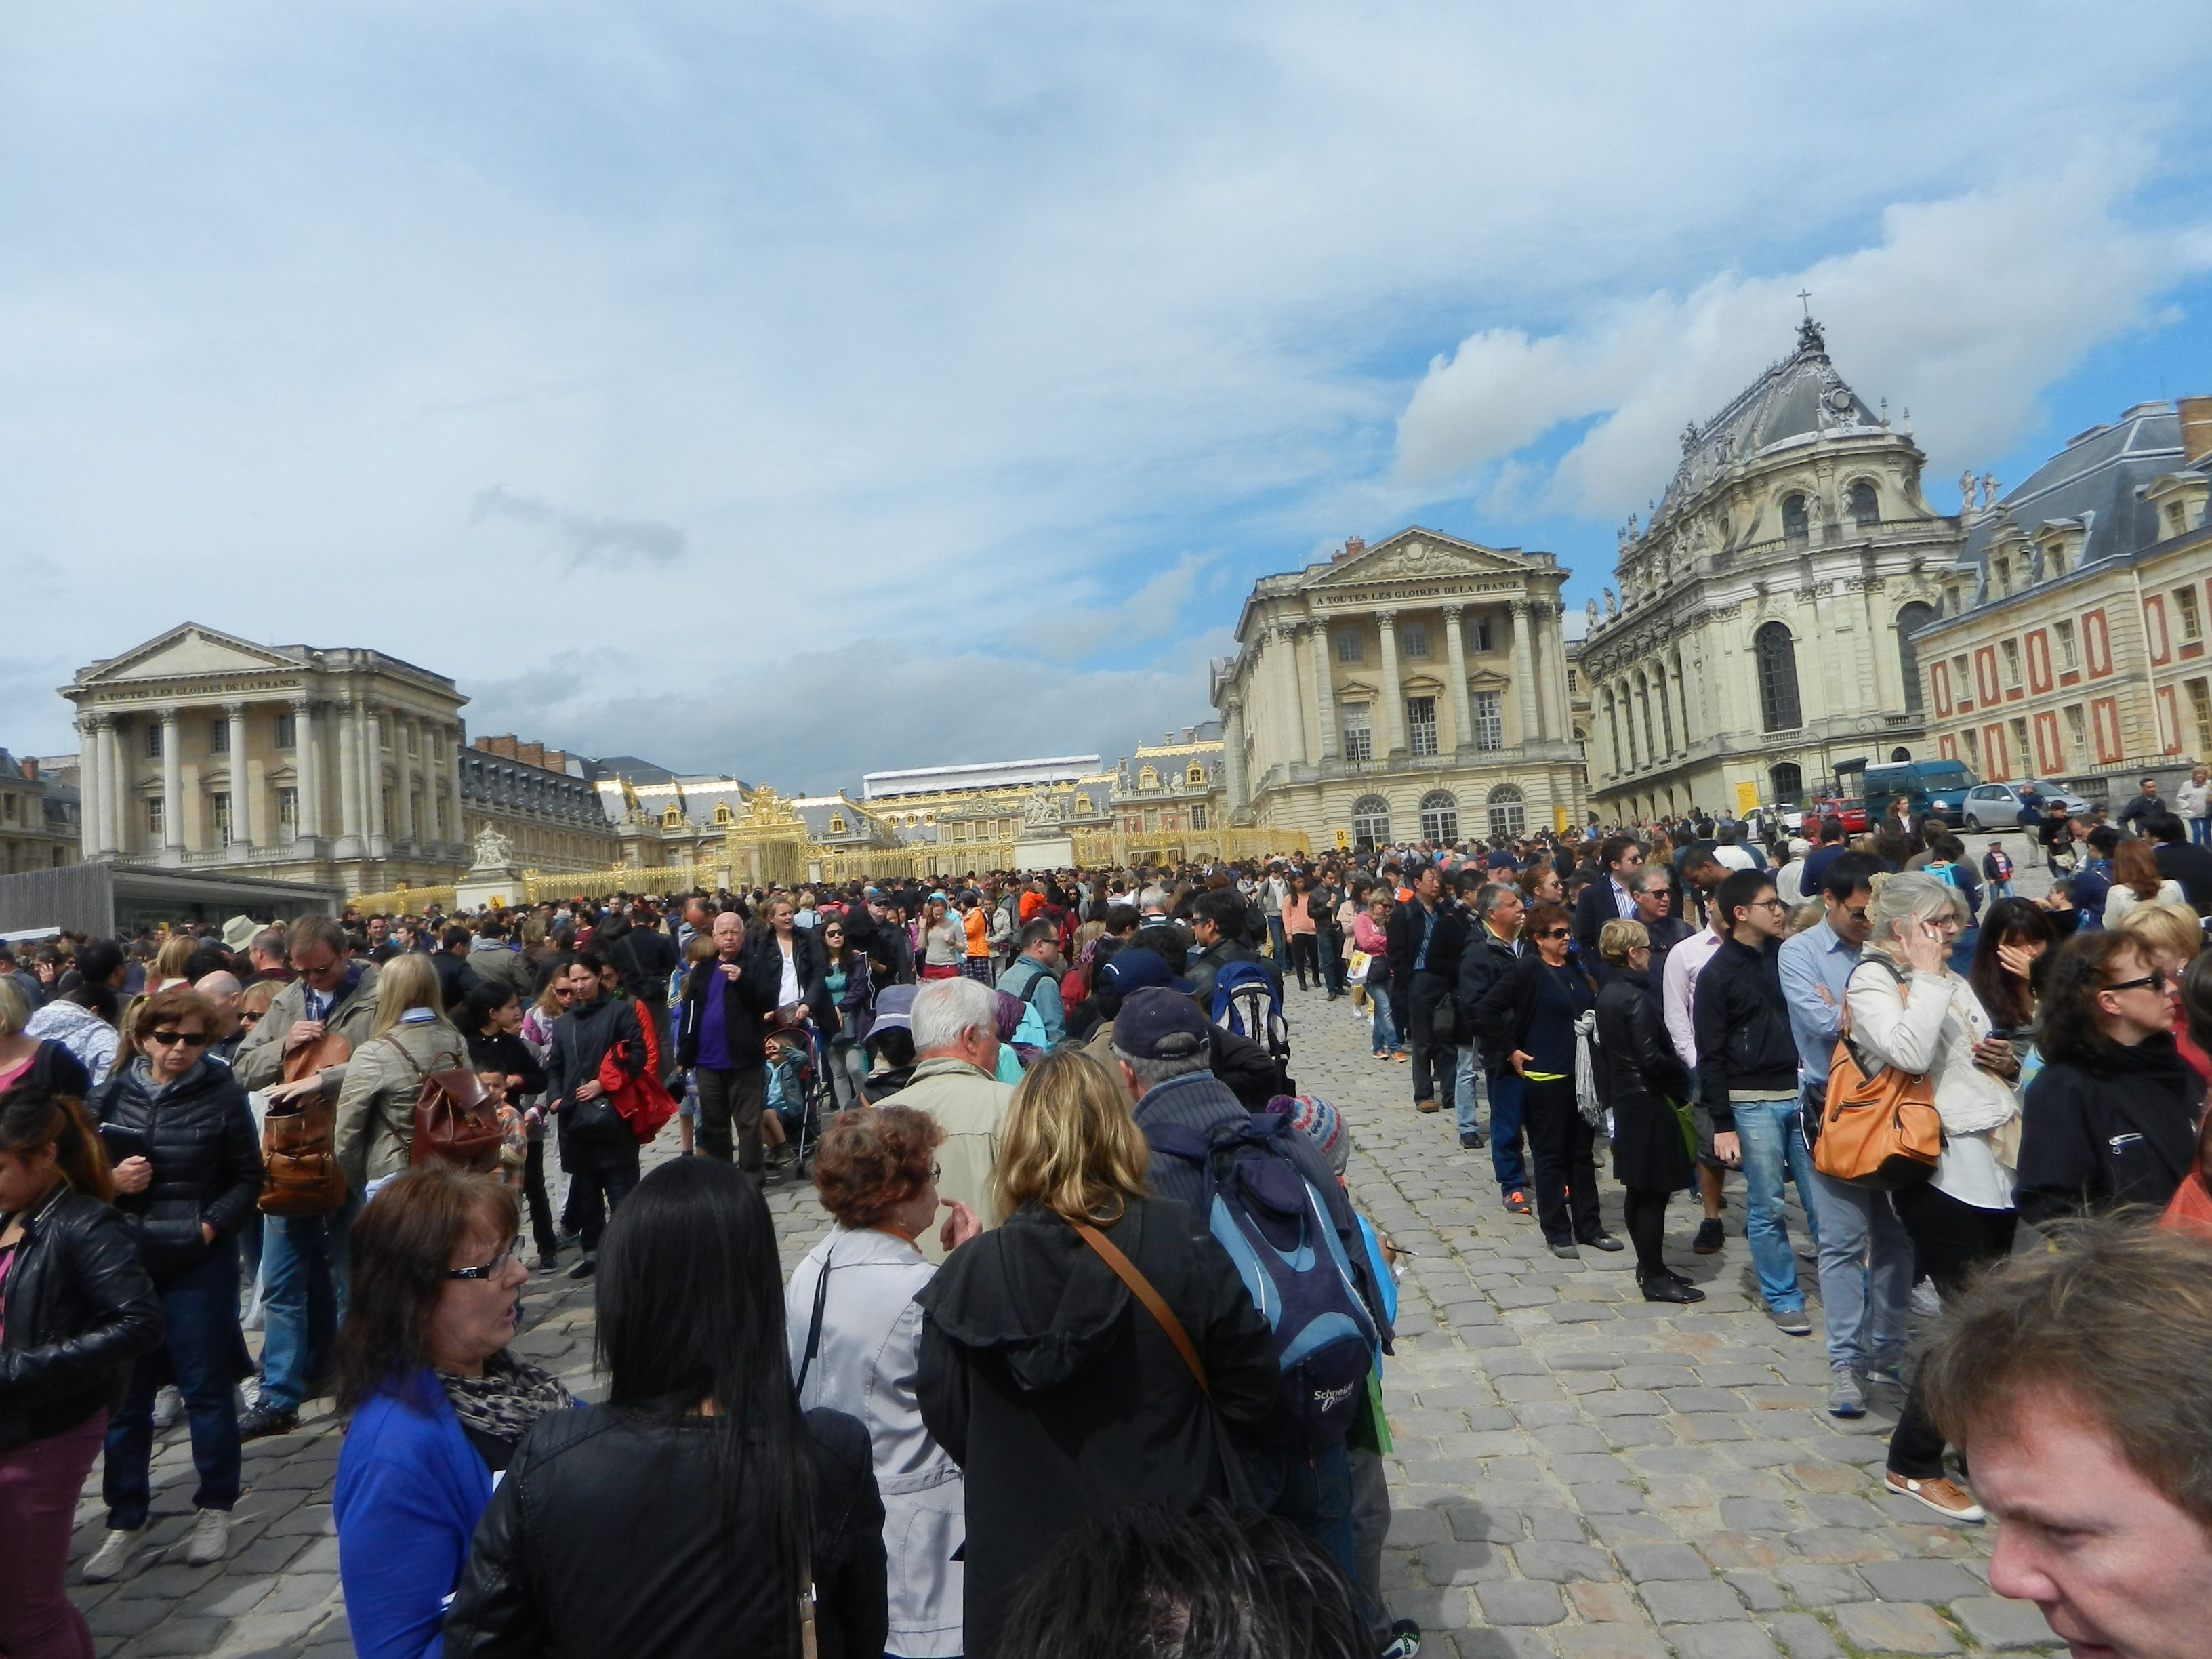 Tinha pouca gente na frente do Palácio de Versalhes... Só que não!